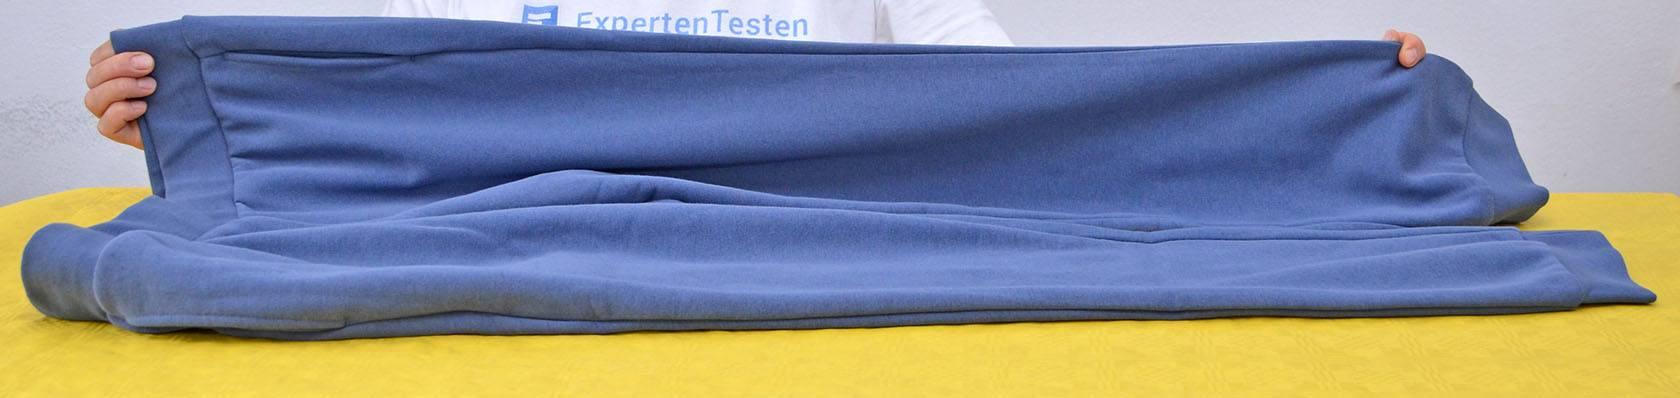 Laufhosen im Test auf ExpertenTesten.de